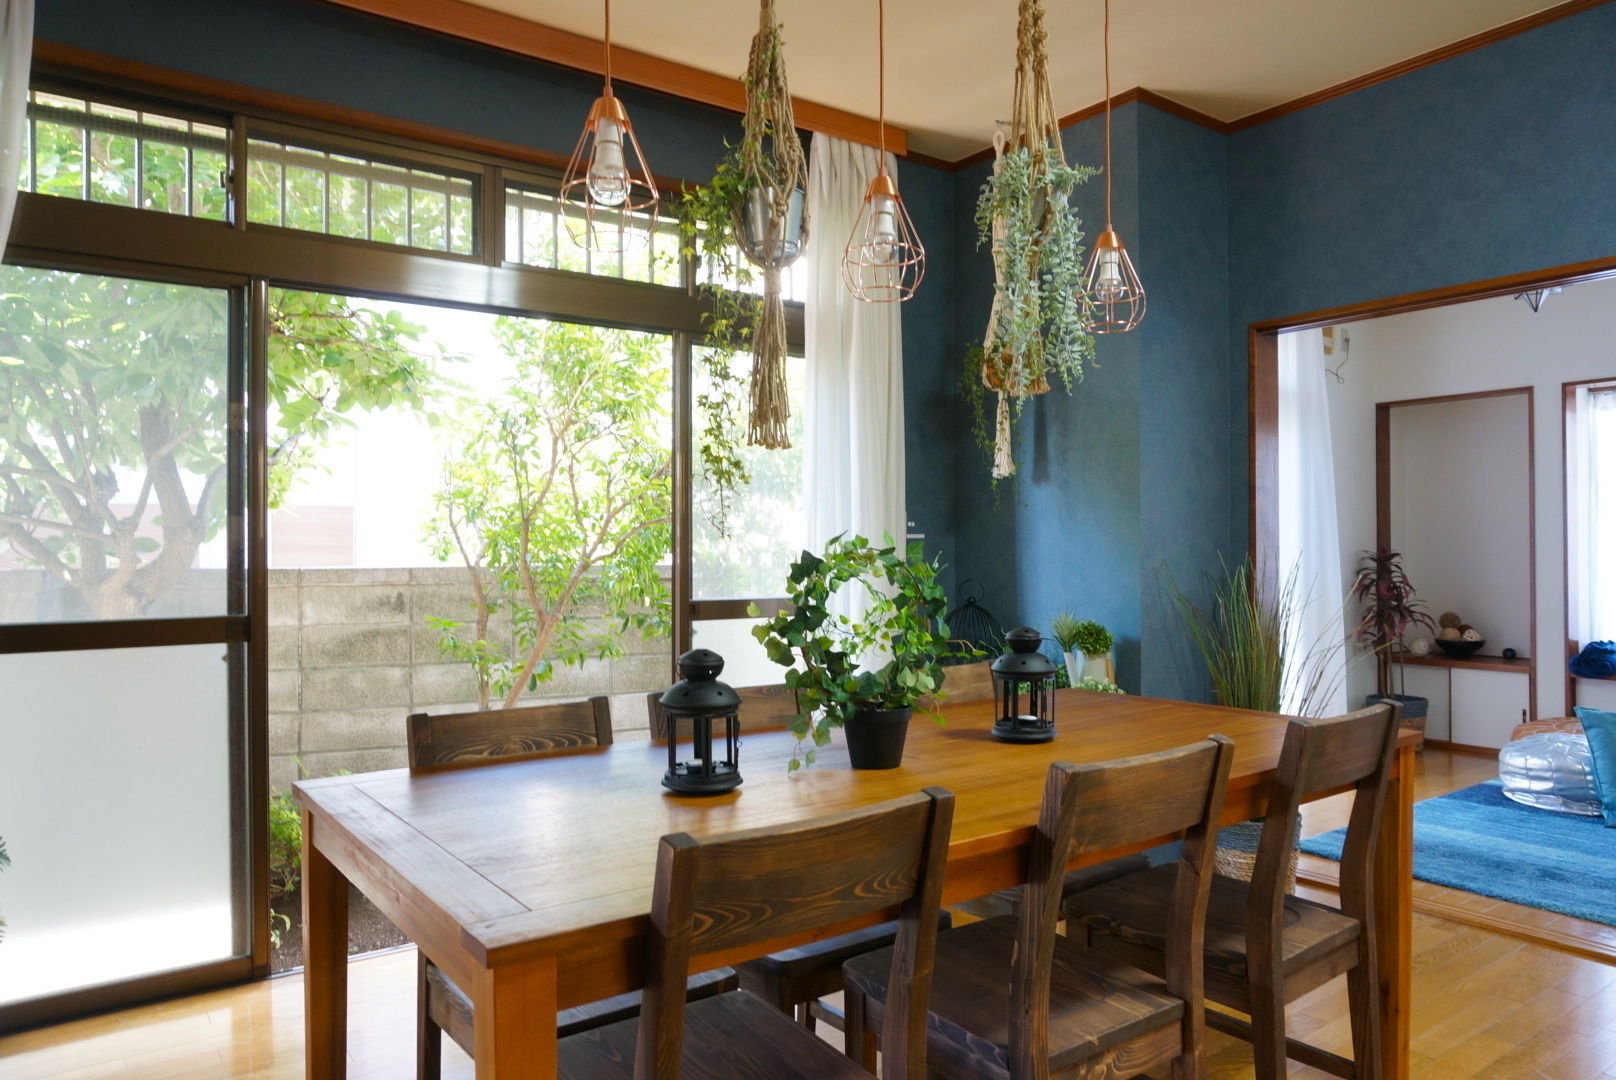 fika桜上水〜夏みかんハウス〜上品なブルーに囲まれたリビング・ボタニカルな雰囲気がフォトジェニック♪(SNS投稿・動画撮影可)(fika桜上水) の写真0